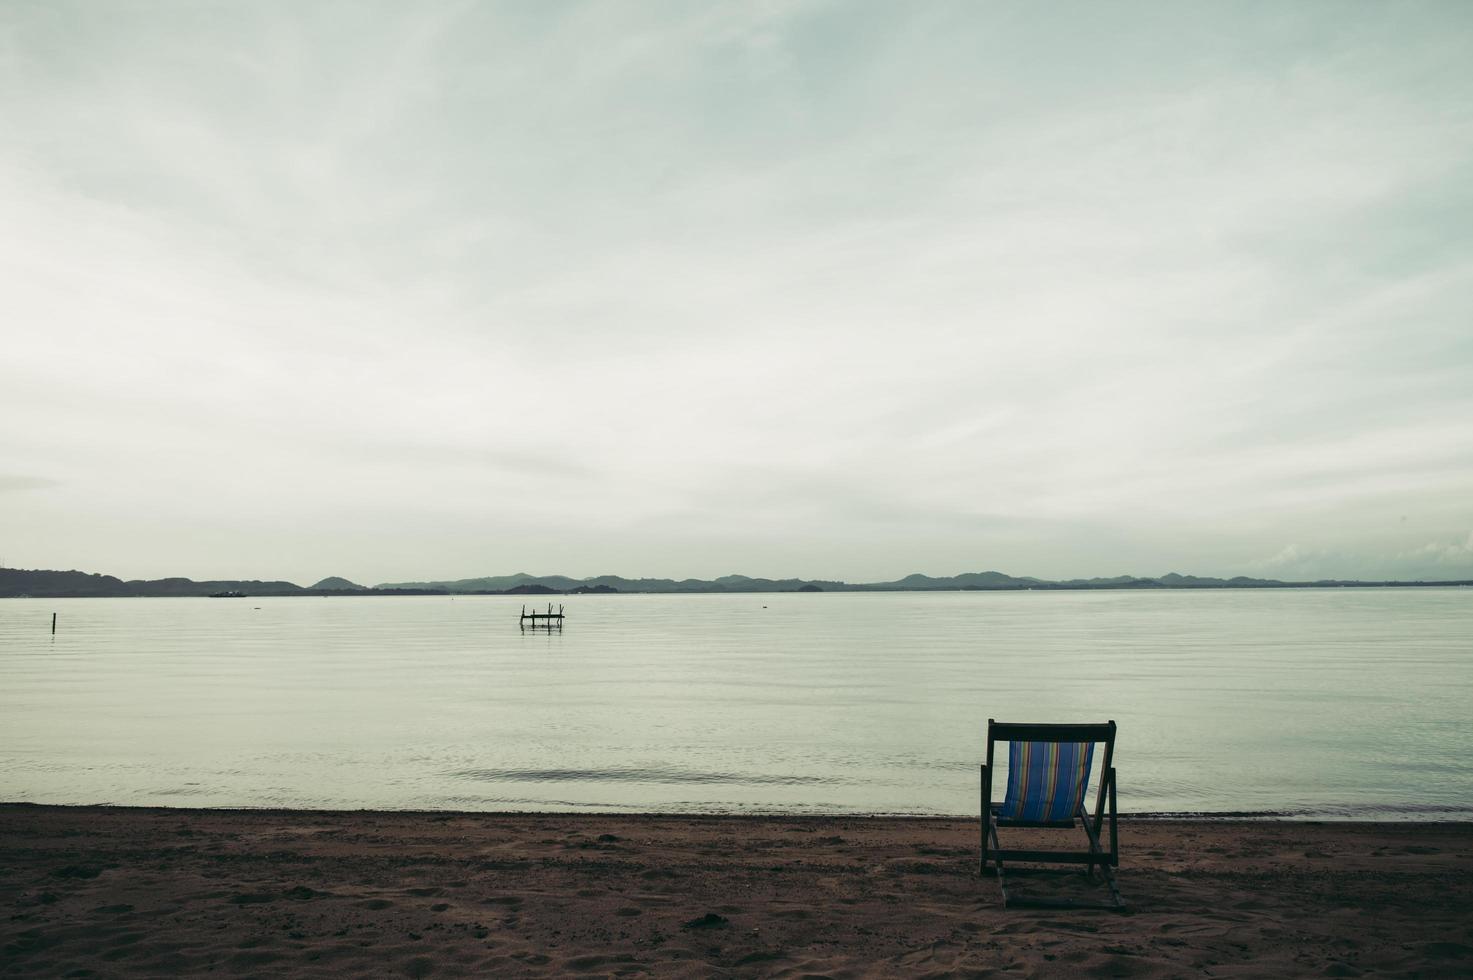 mar com resort cadeiras de praia foto